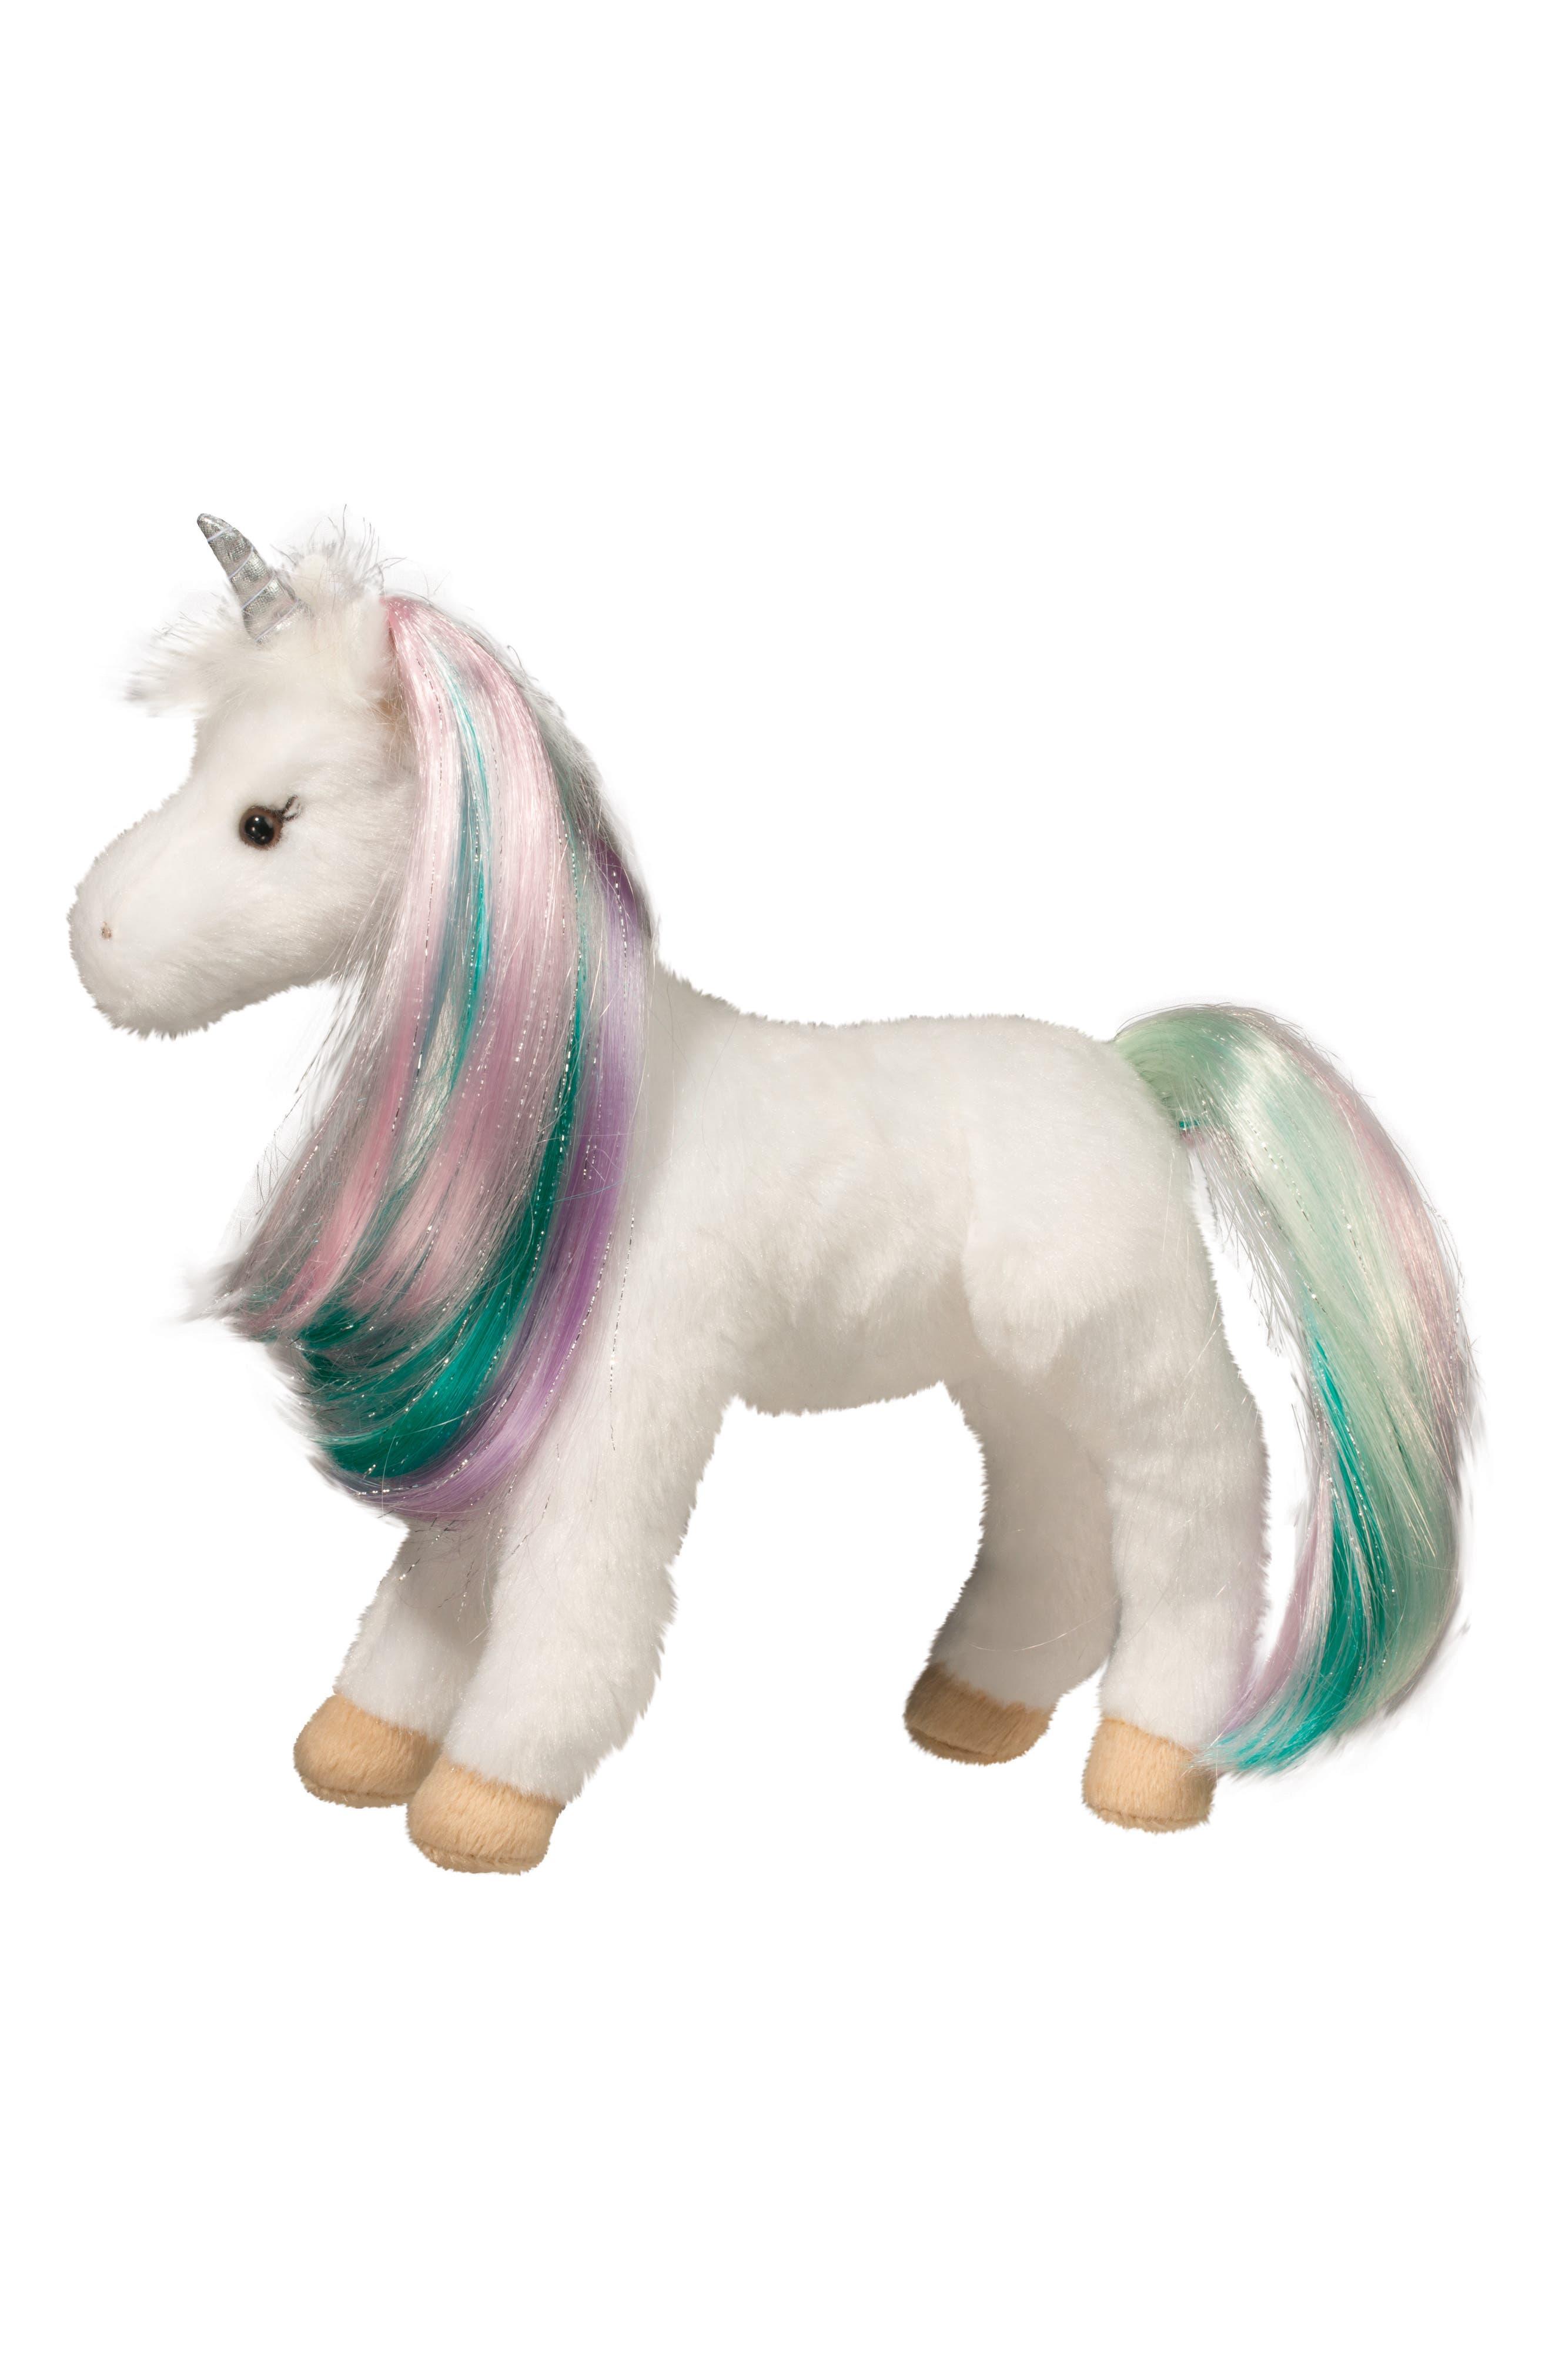 Douglas Jules Princess Unicorn Stuffed Animal